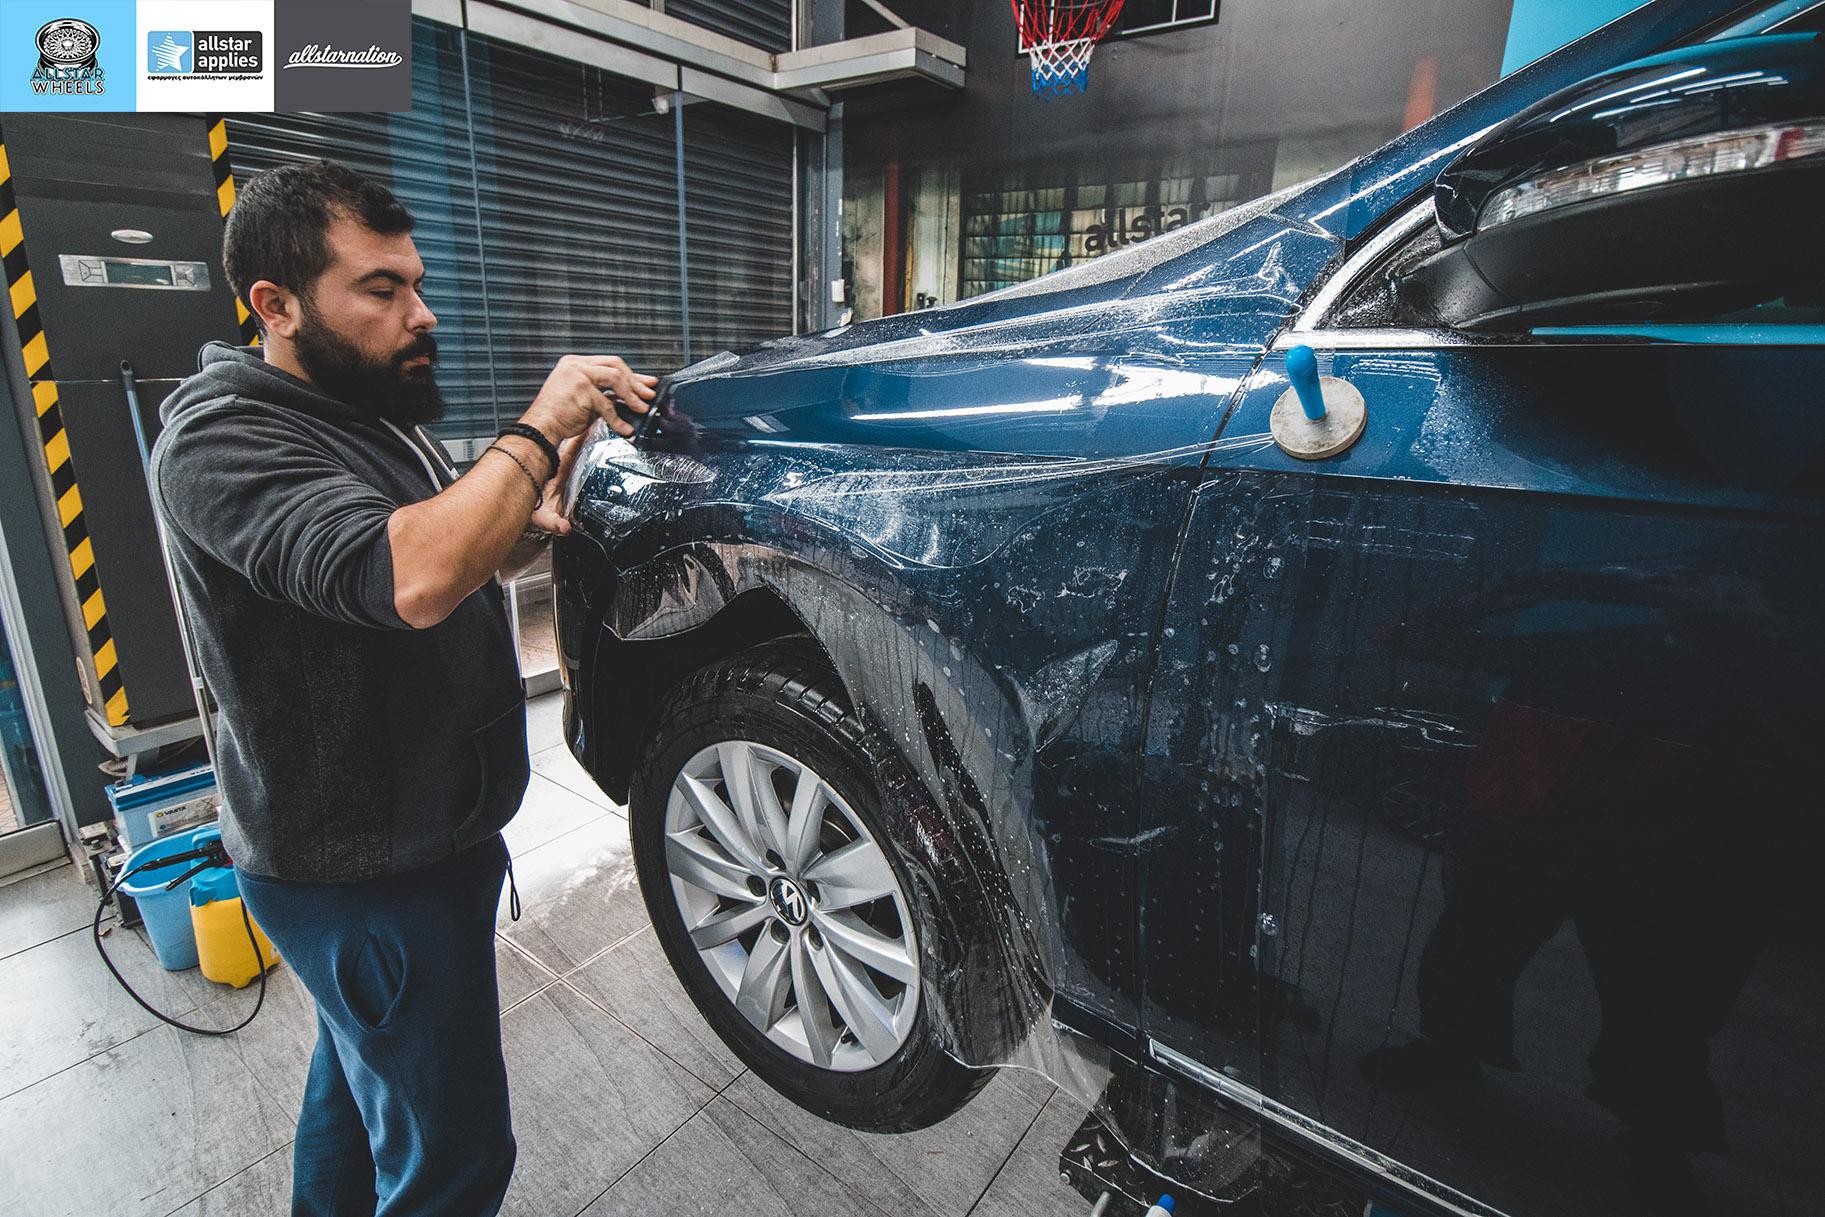 Αυτοκόλλητα προστασίας φαναριού σε VW Passat στη θεσσαλονίκη Allstar Applies